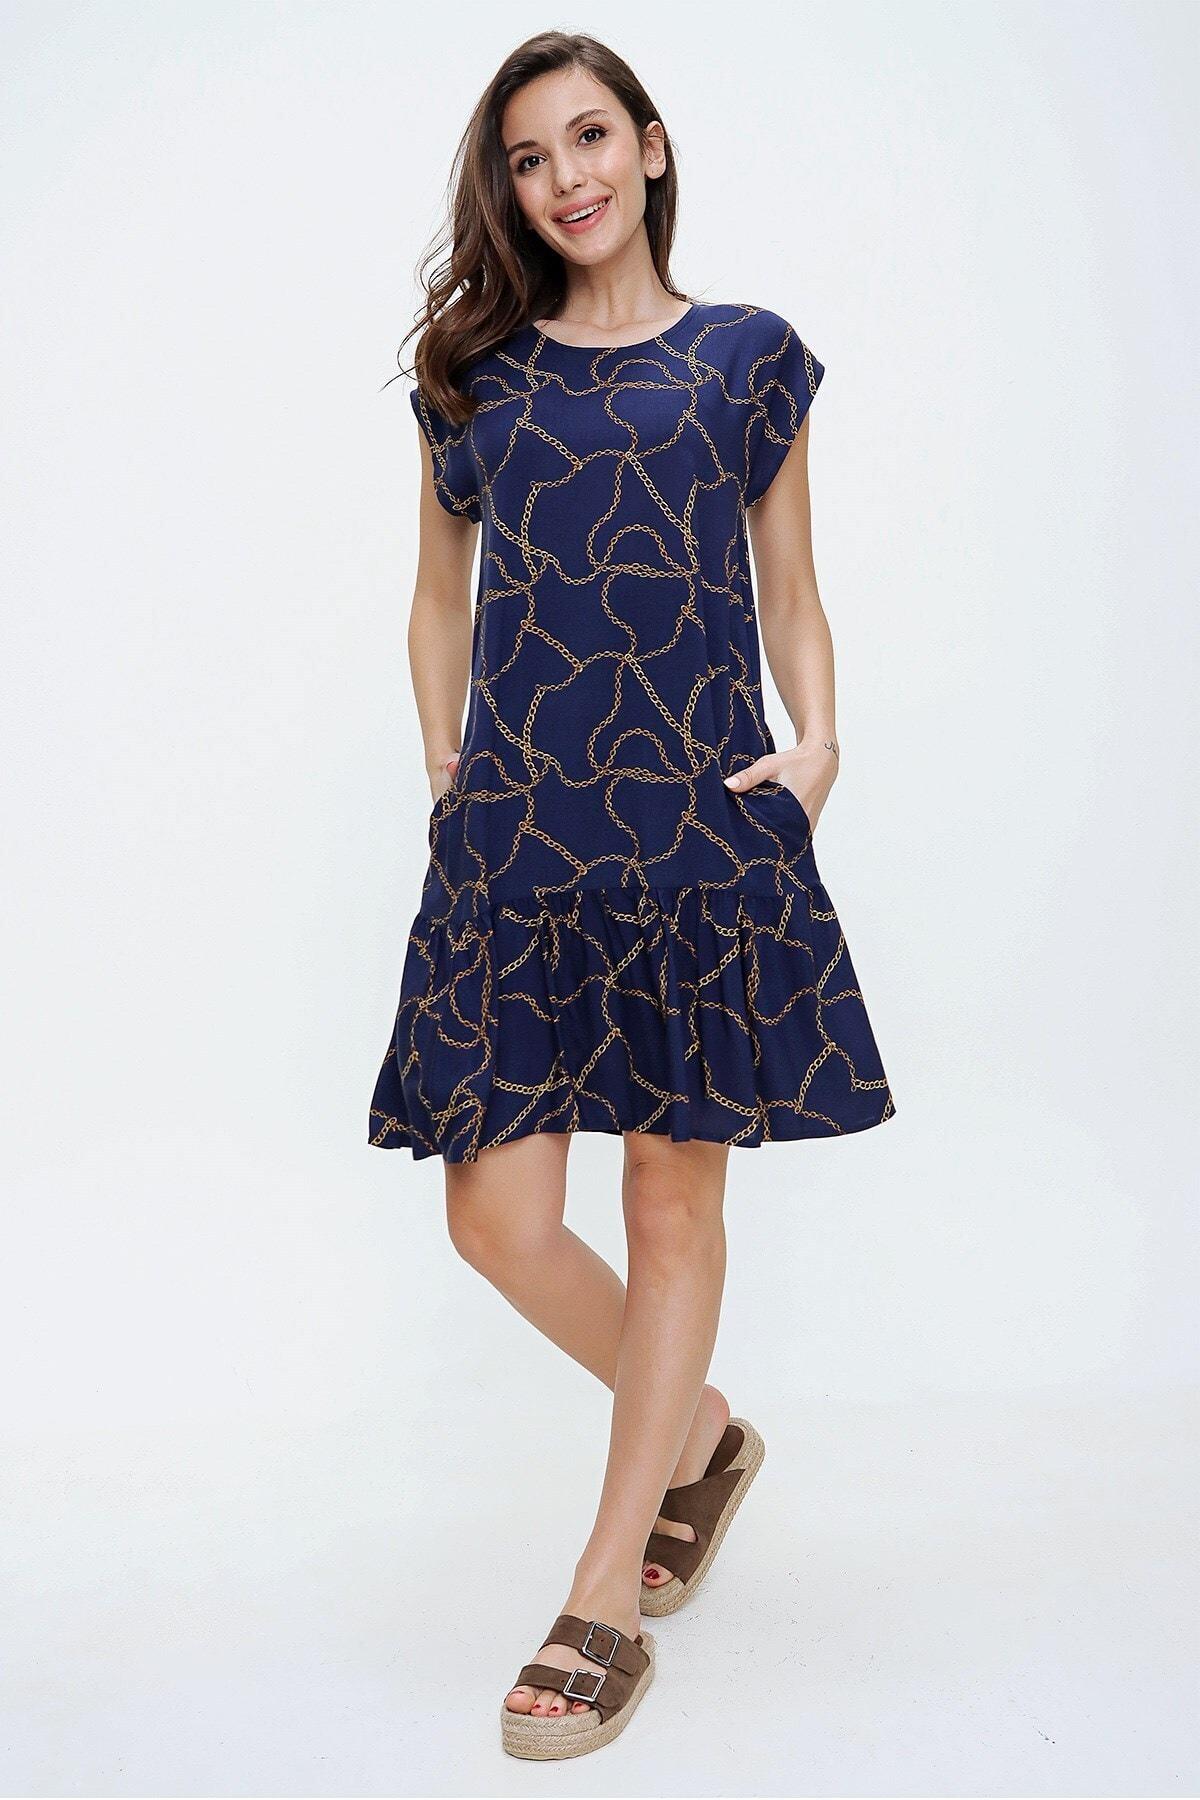 Kadın Lacivert Düşük Kol Zincir Desenli Fırfırlı Viskon Elbise S-20Y3080100